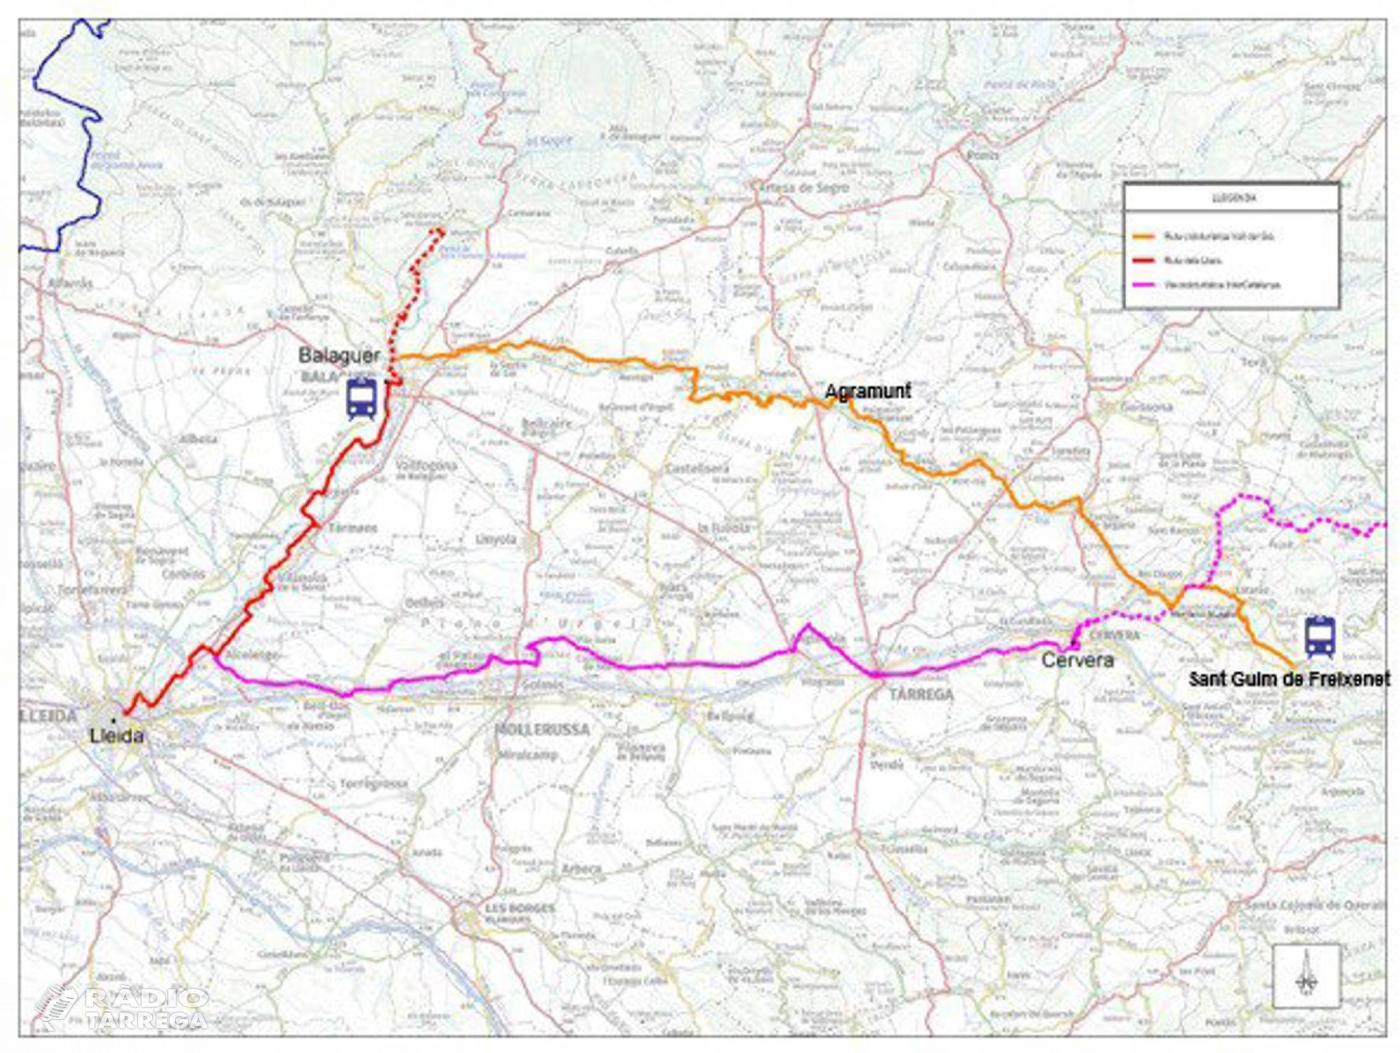 El Govern acorda amb el territori la definició de la ruta cicloturística de la Vall del Sió